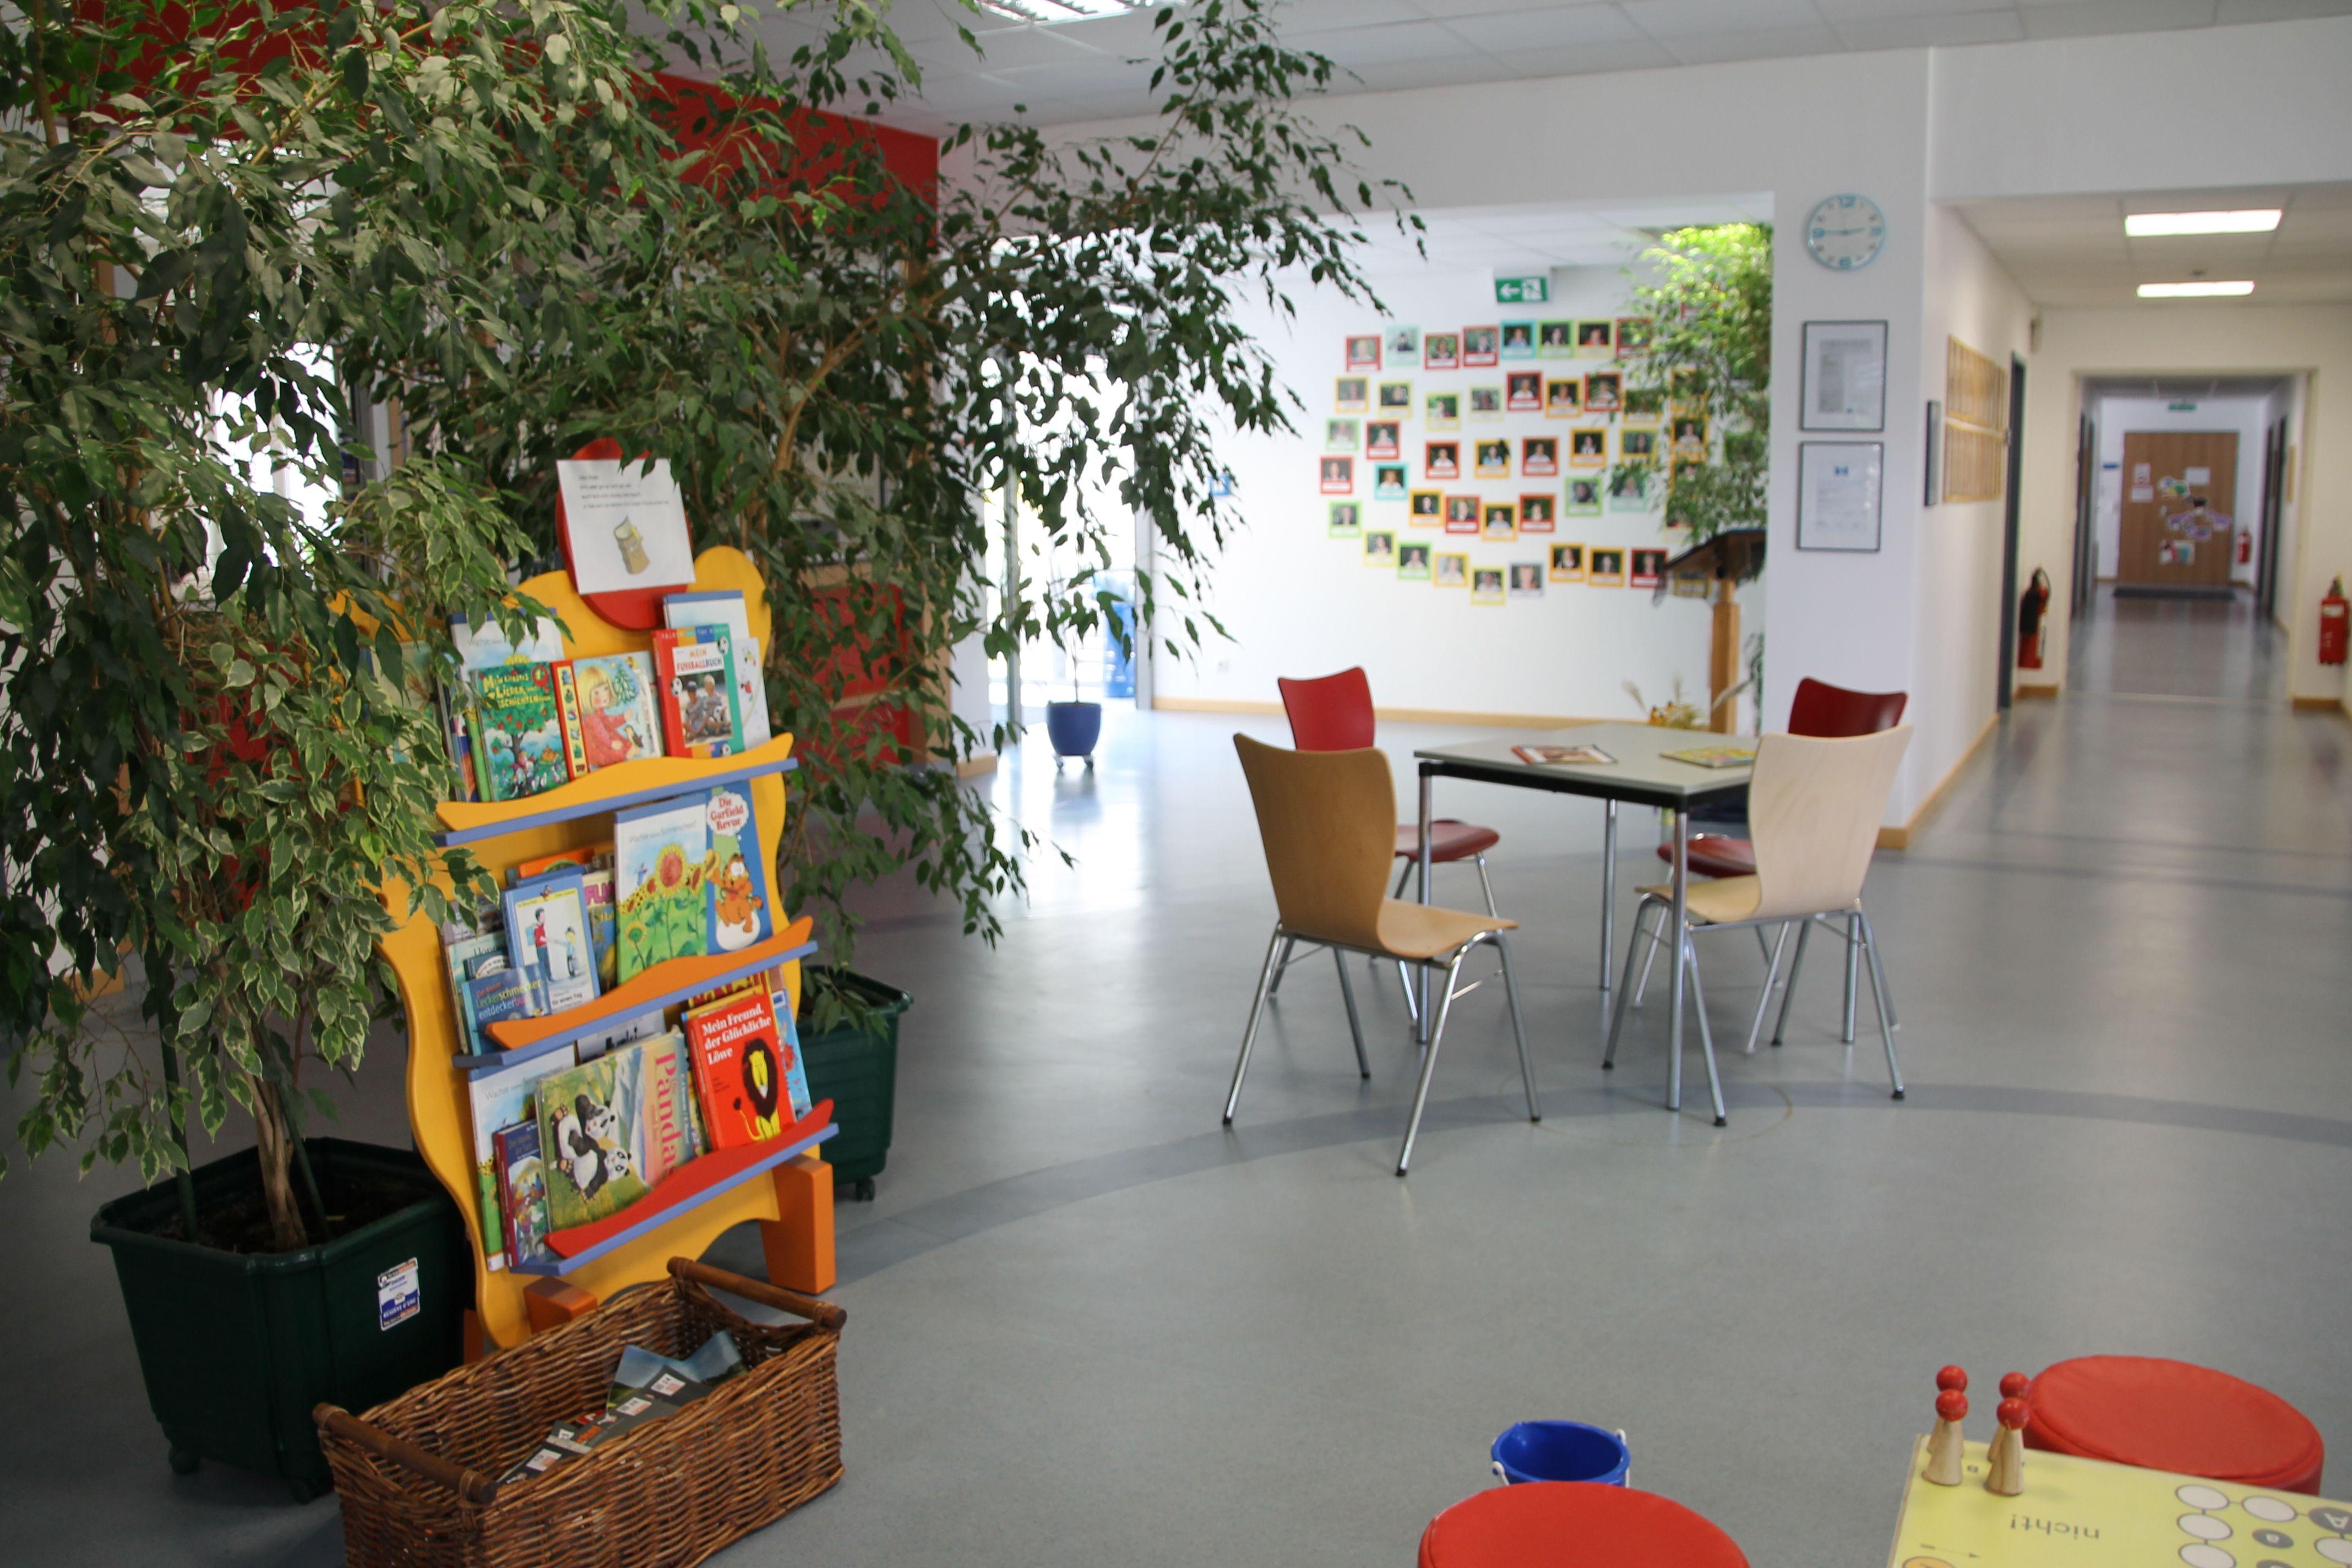 Emfpangsbereich des Sozialpädiatrischen Zentrums